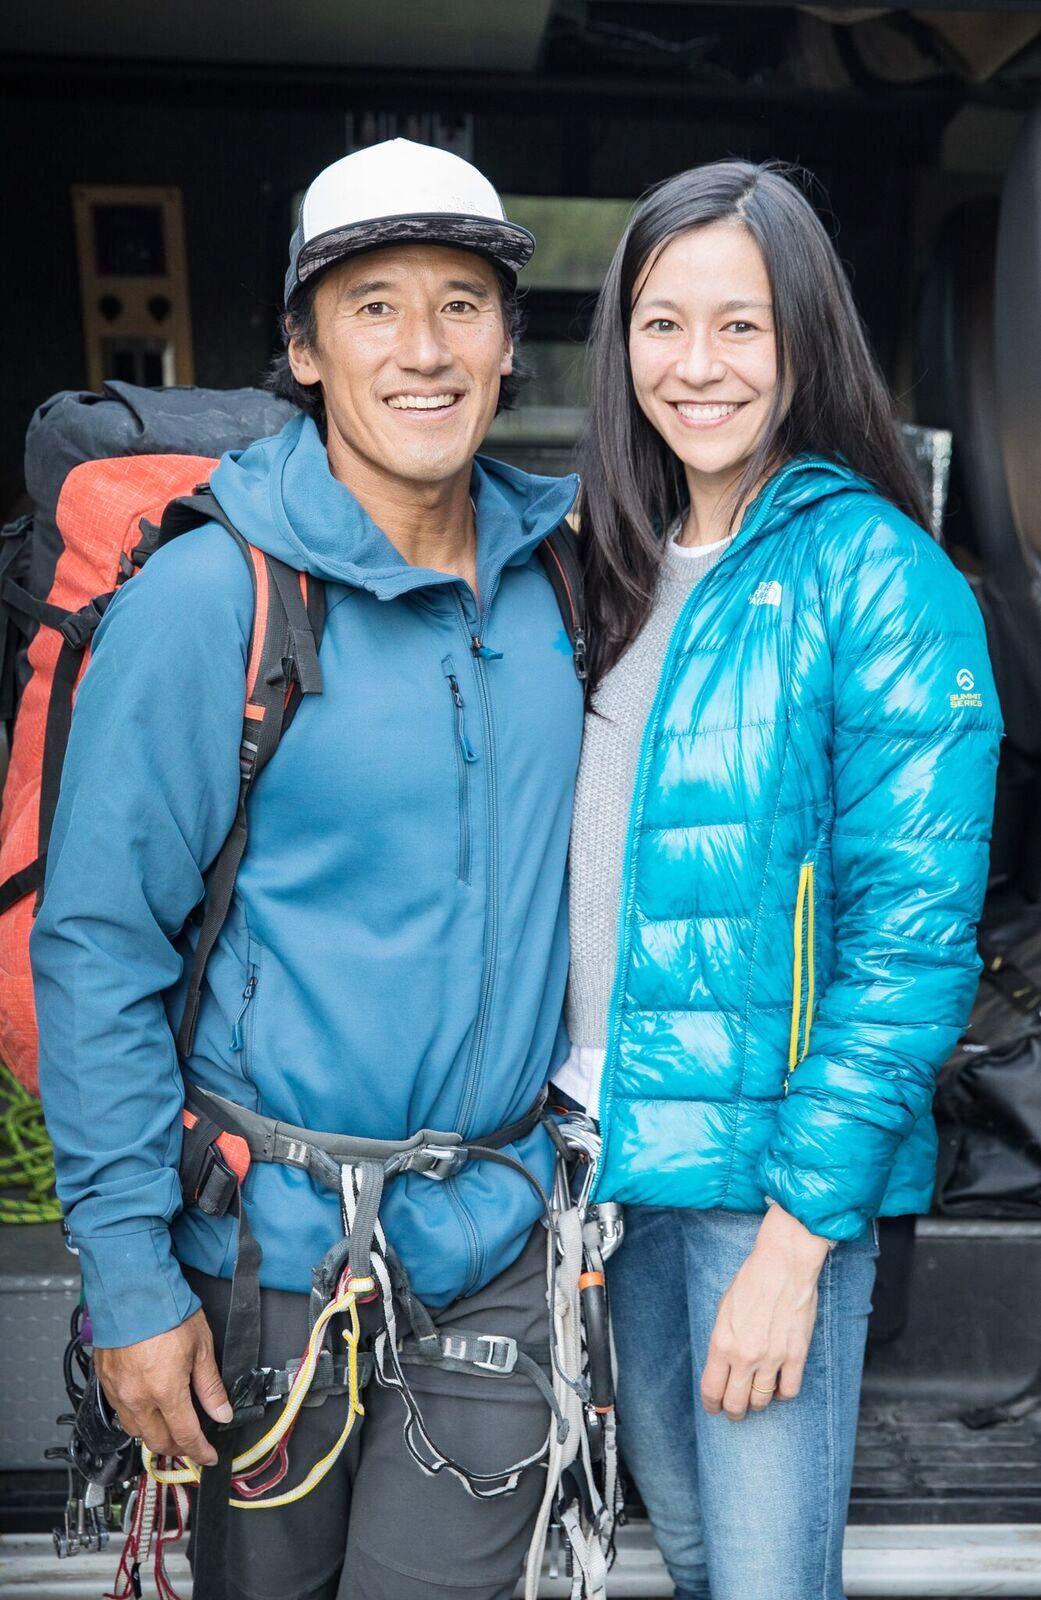 「赤手登峰」導演金國威與妻子瓦沙瑞莉。圖/海鵬提供